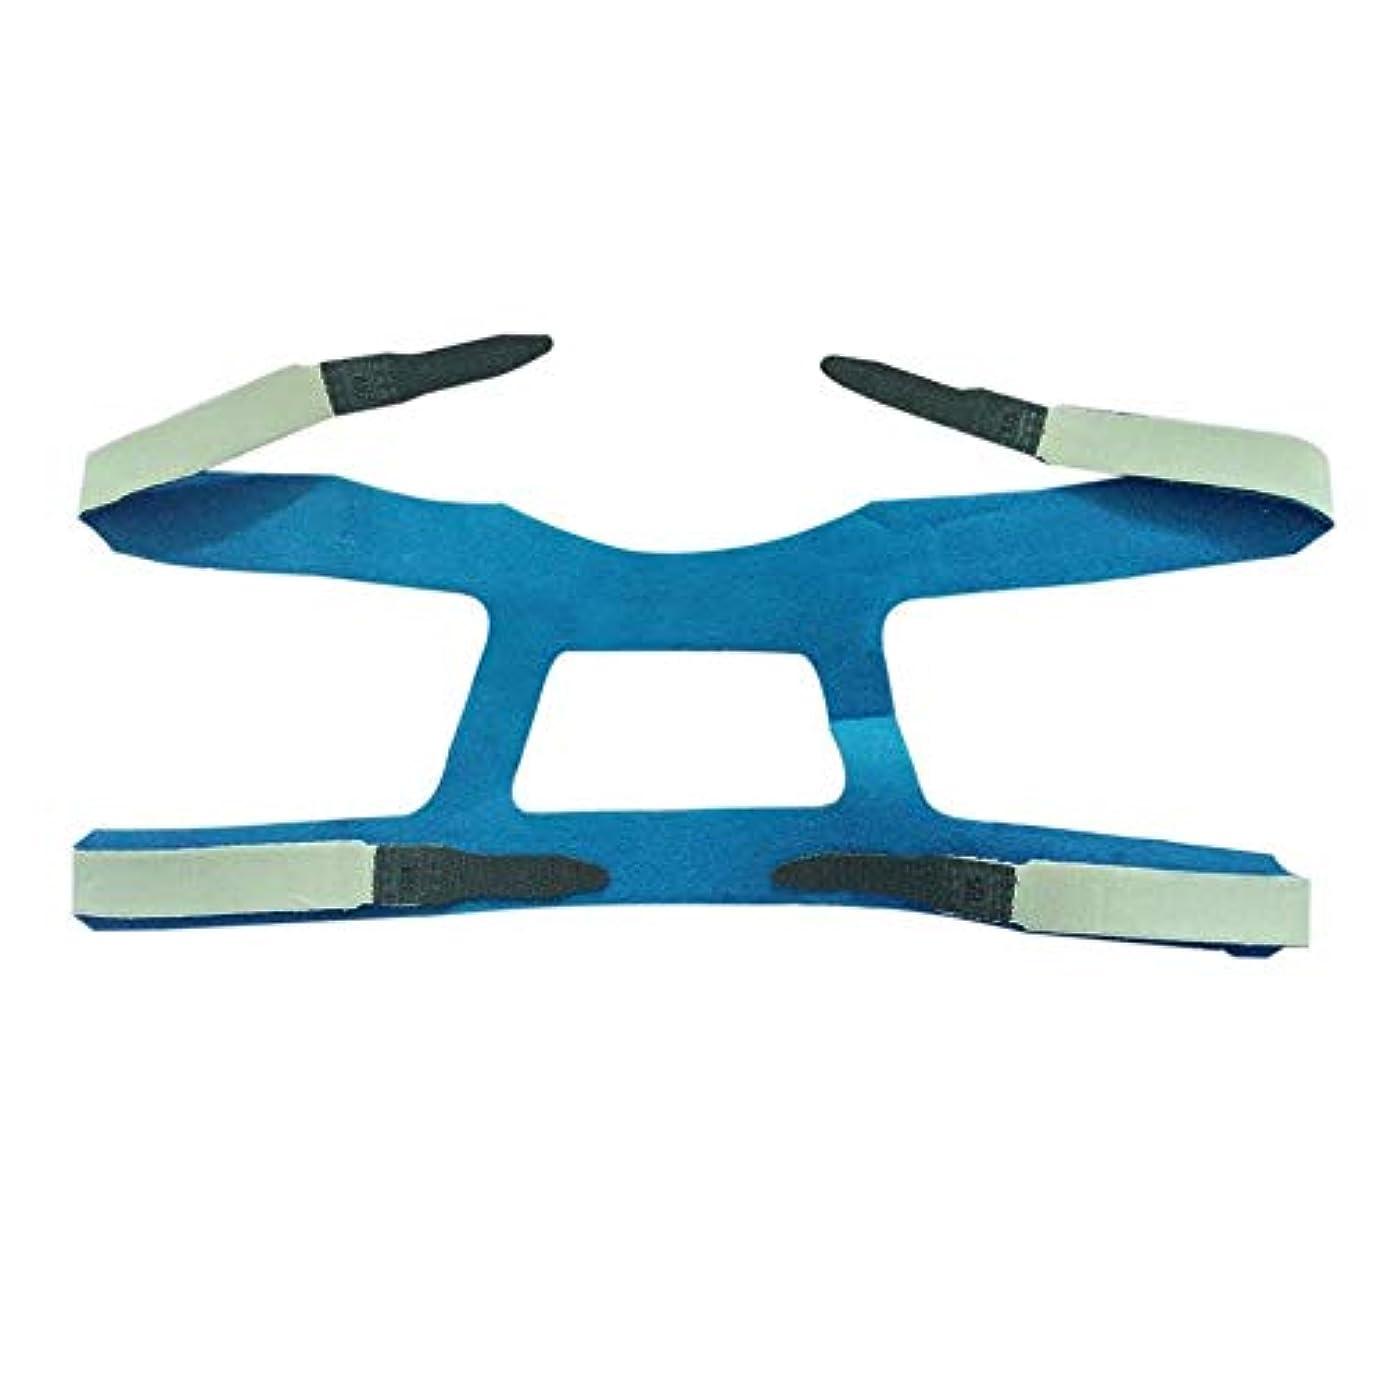 くつろぎすり予約ユニバーサルデザインヘッドギアコンフォートジェルフルマスク安全な環境の交換用CPAPヘッドバンドなしPHILPS - グレー&ブルー